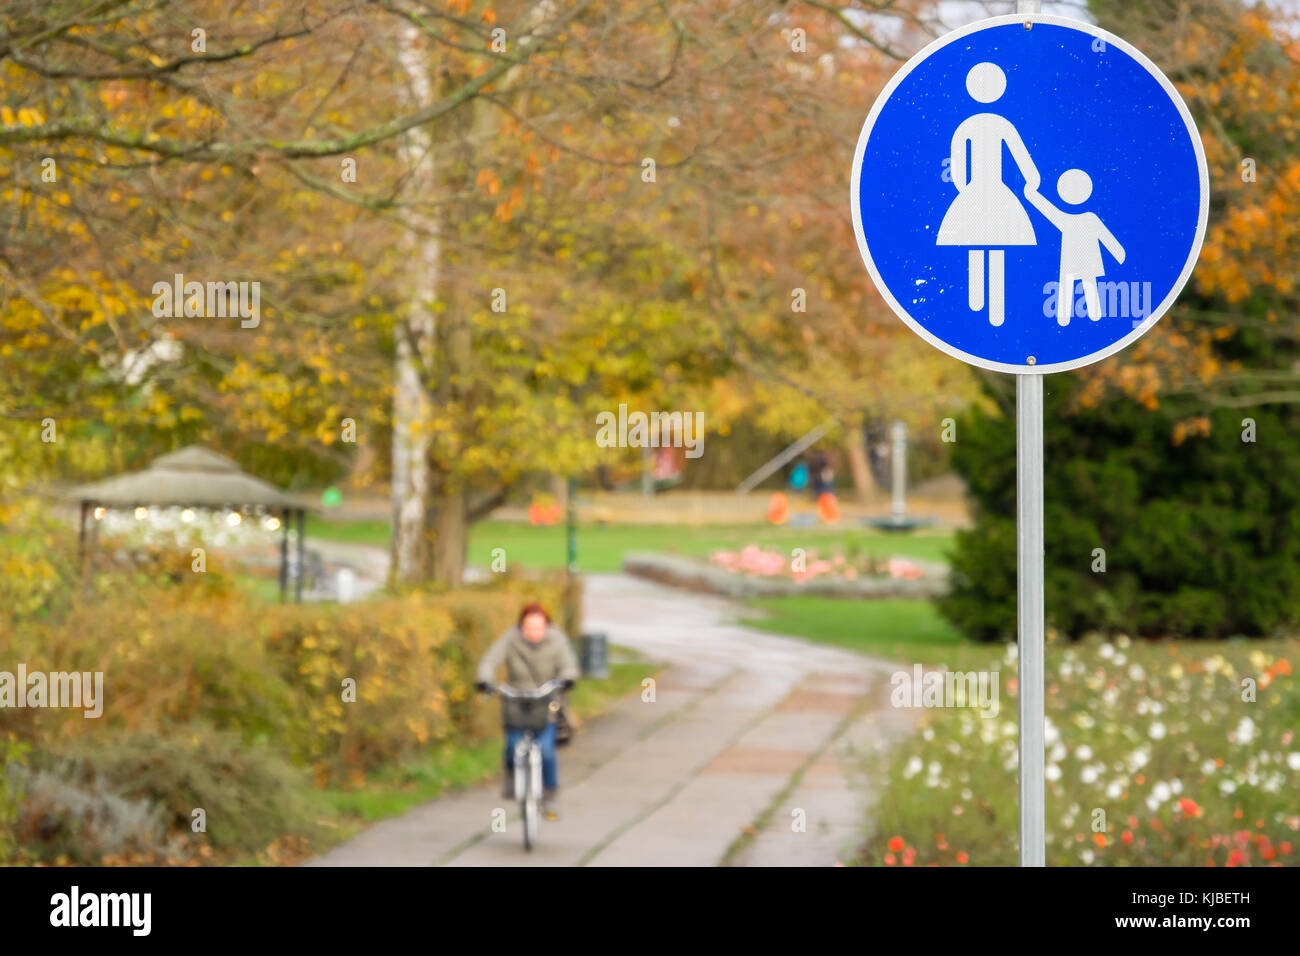 Schild Fußgängerzone mit Fahrradfahrer Stock Photo